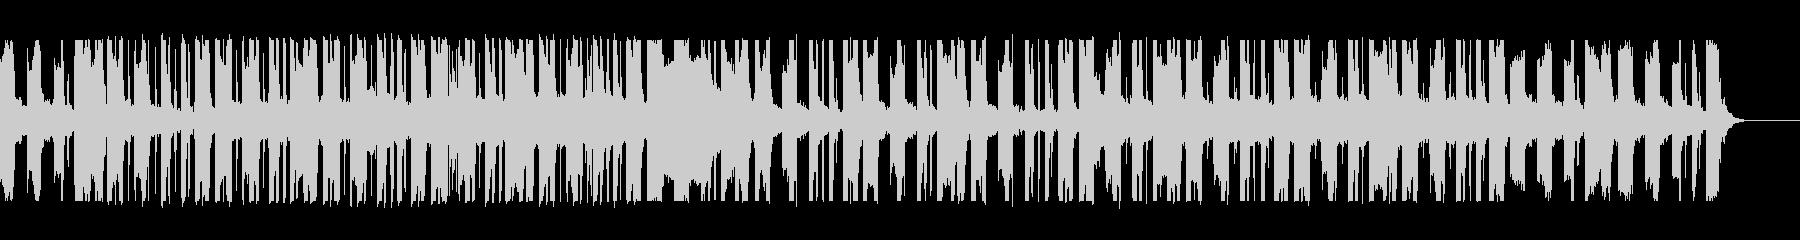 ネオソウルギターとローファイヒップホップの未再生の波形